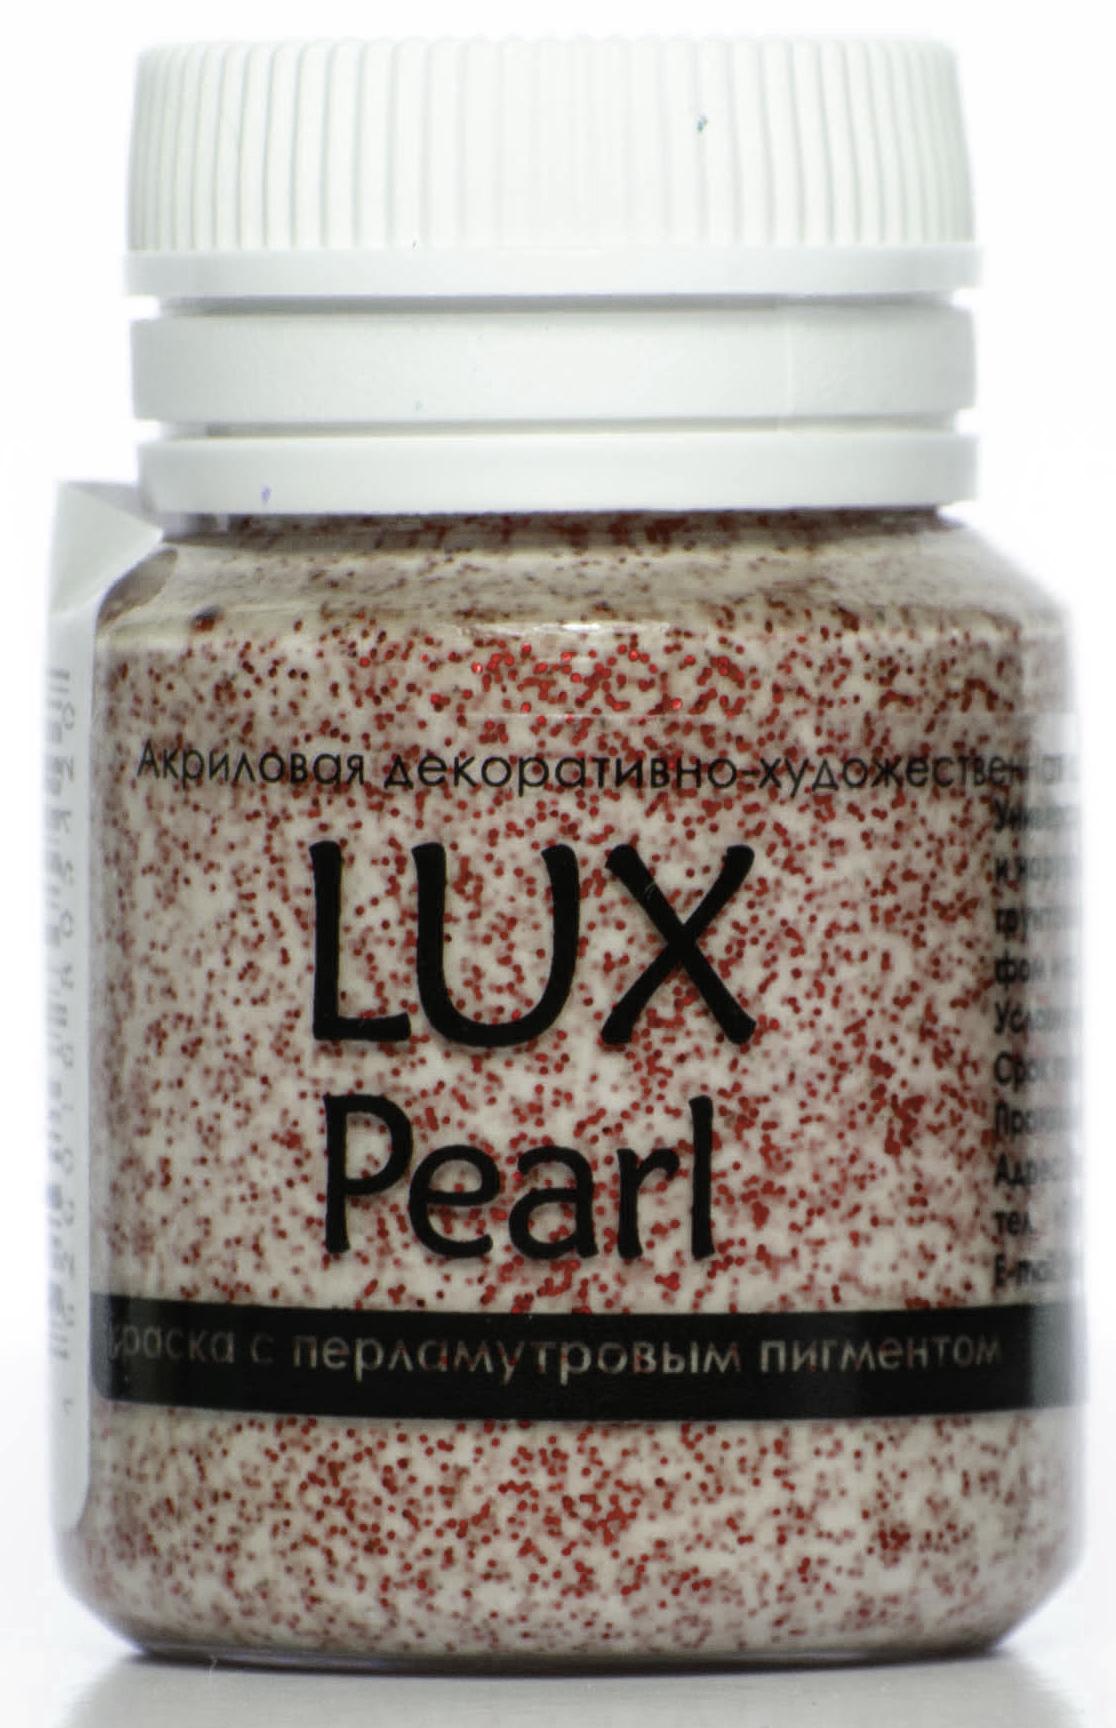 Luxart Краска акриловая LuxPearl цвет темно-коричневый перламутровый 80 мл R28V20R28V20Универсальнаядекоративно-художественная акриловая краска«Lux» идеальна для профессионалов и любителей, рукодельниц и детского творчества. Без запаха, отличная укрываемость имеет огромную палитру цветов